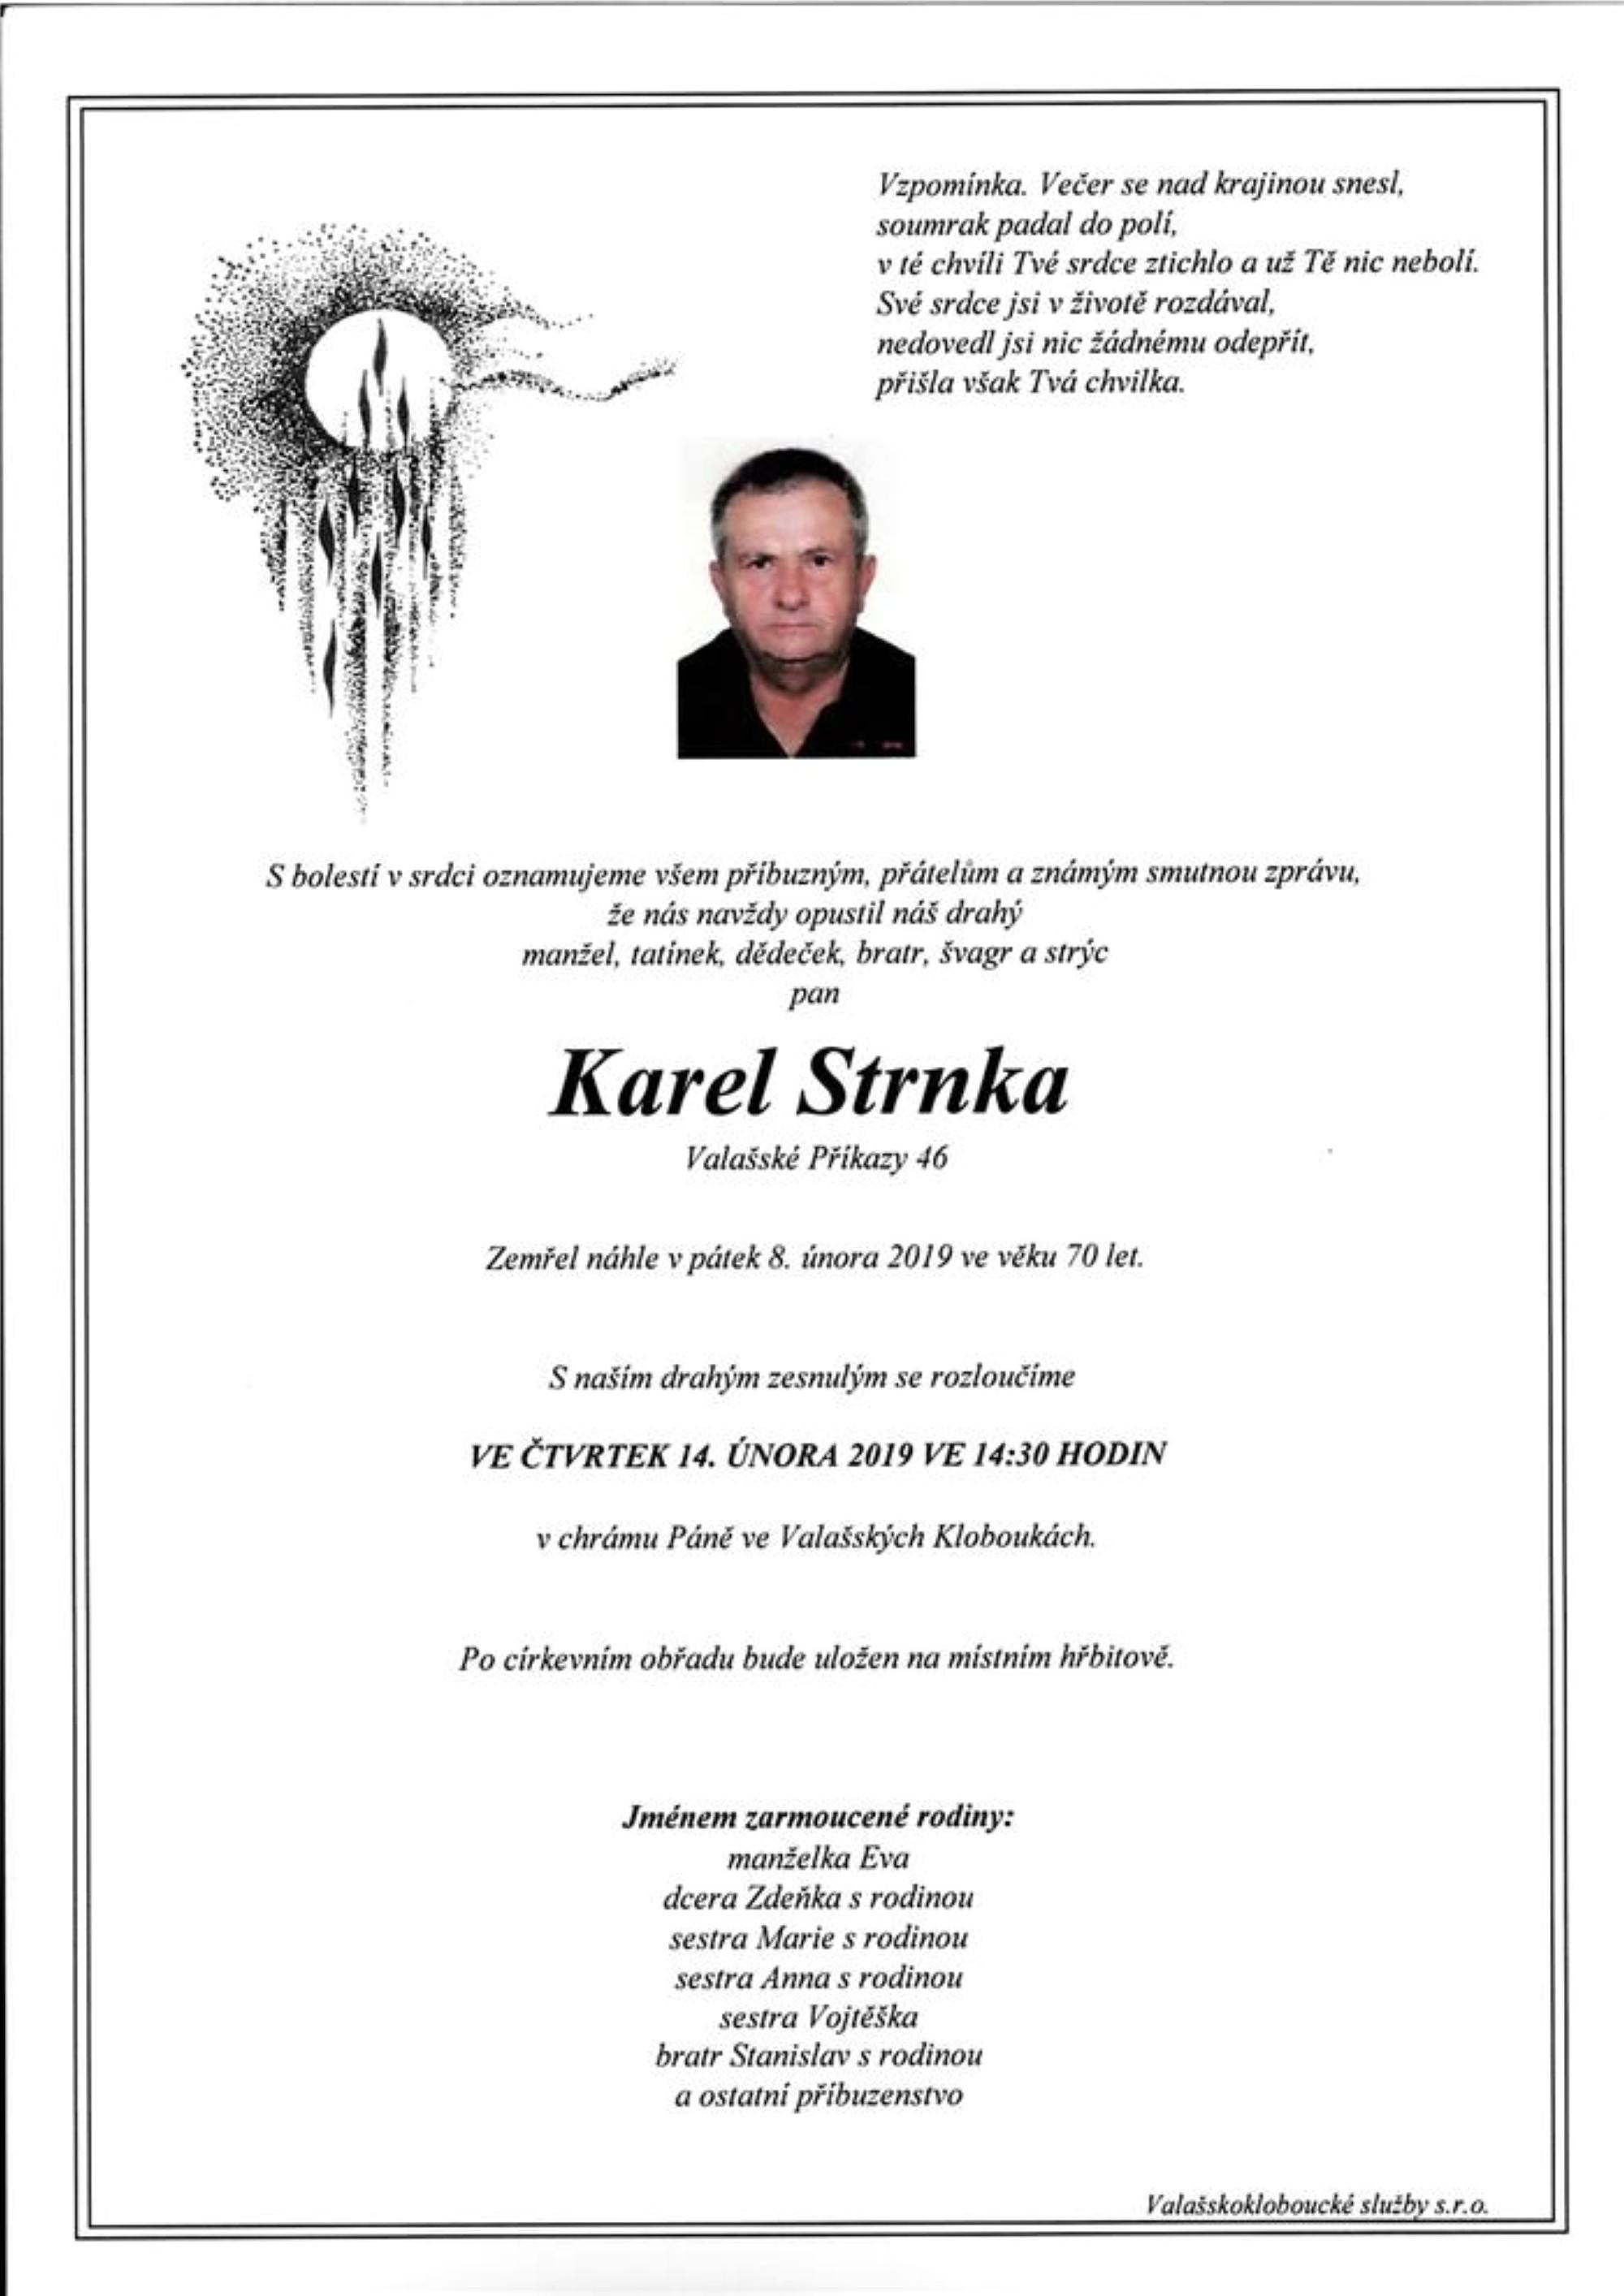 Karel Strnka